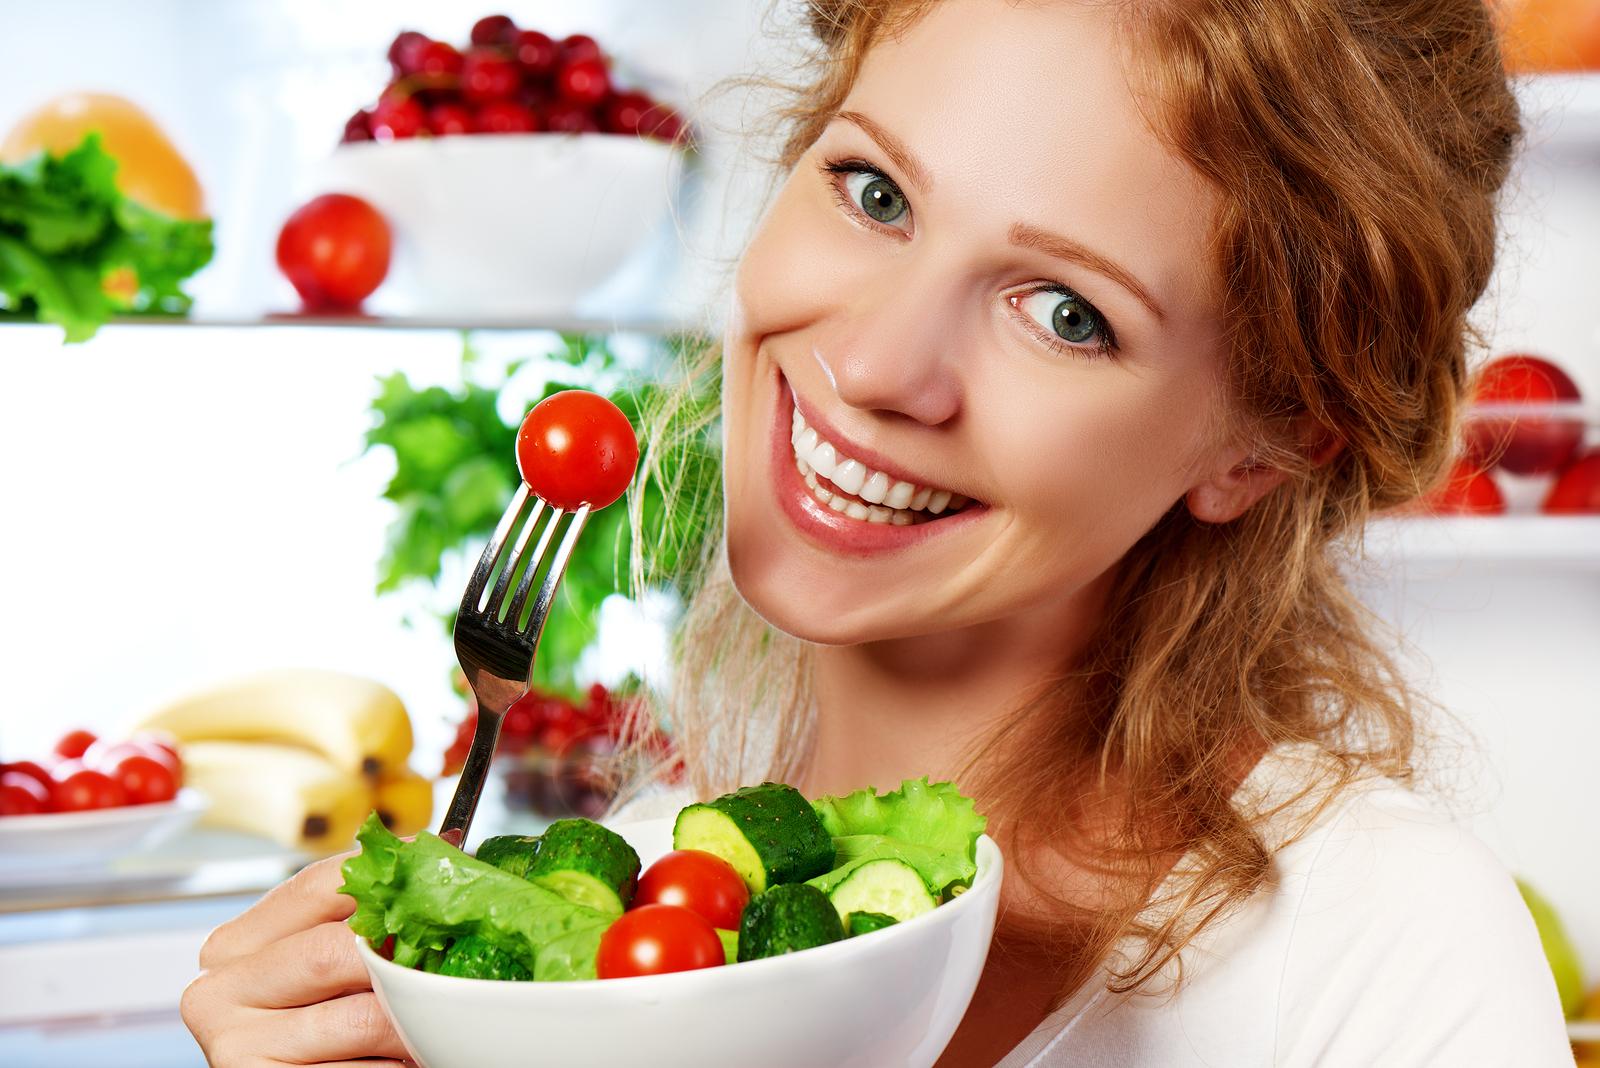 تناول الخضراوات والفواكه